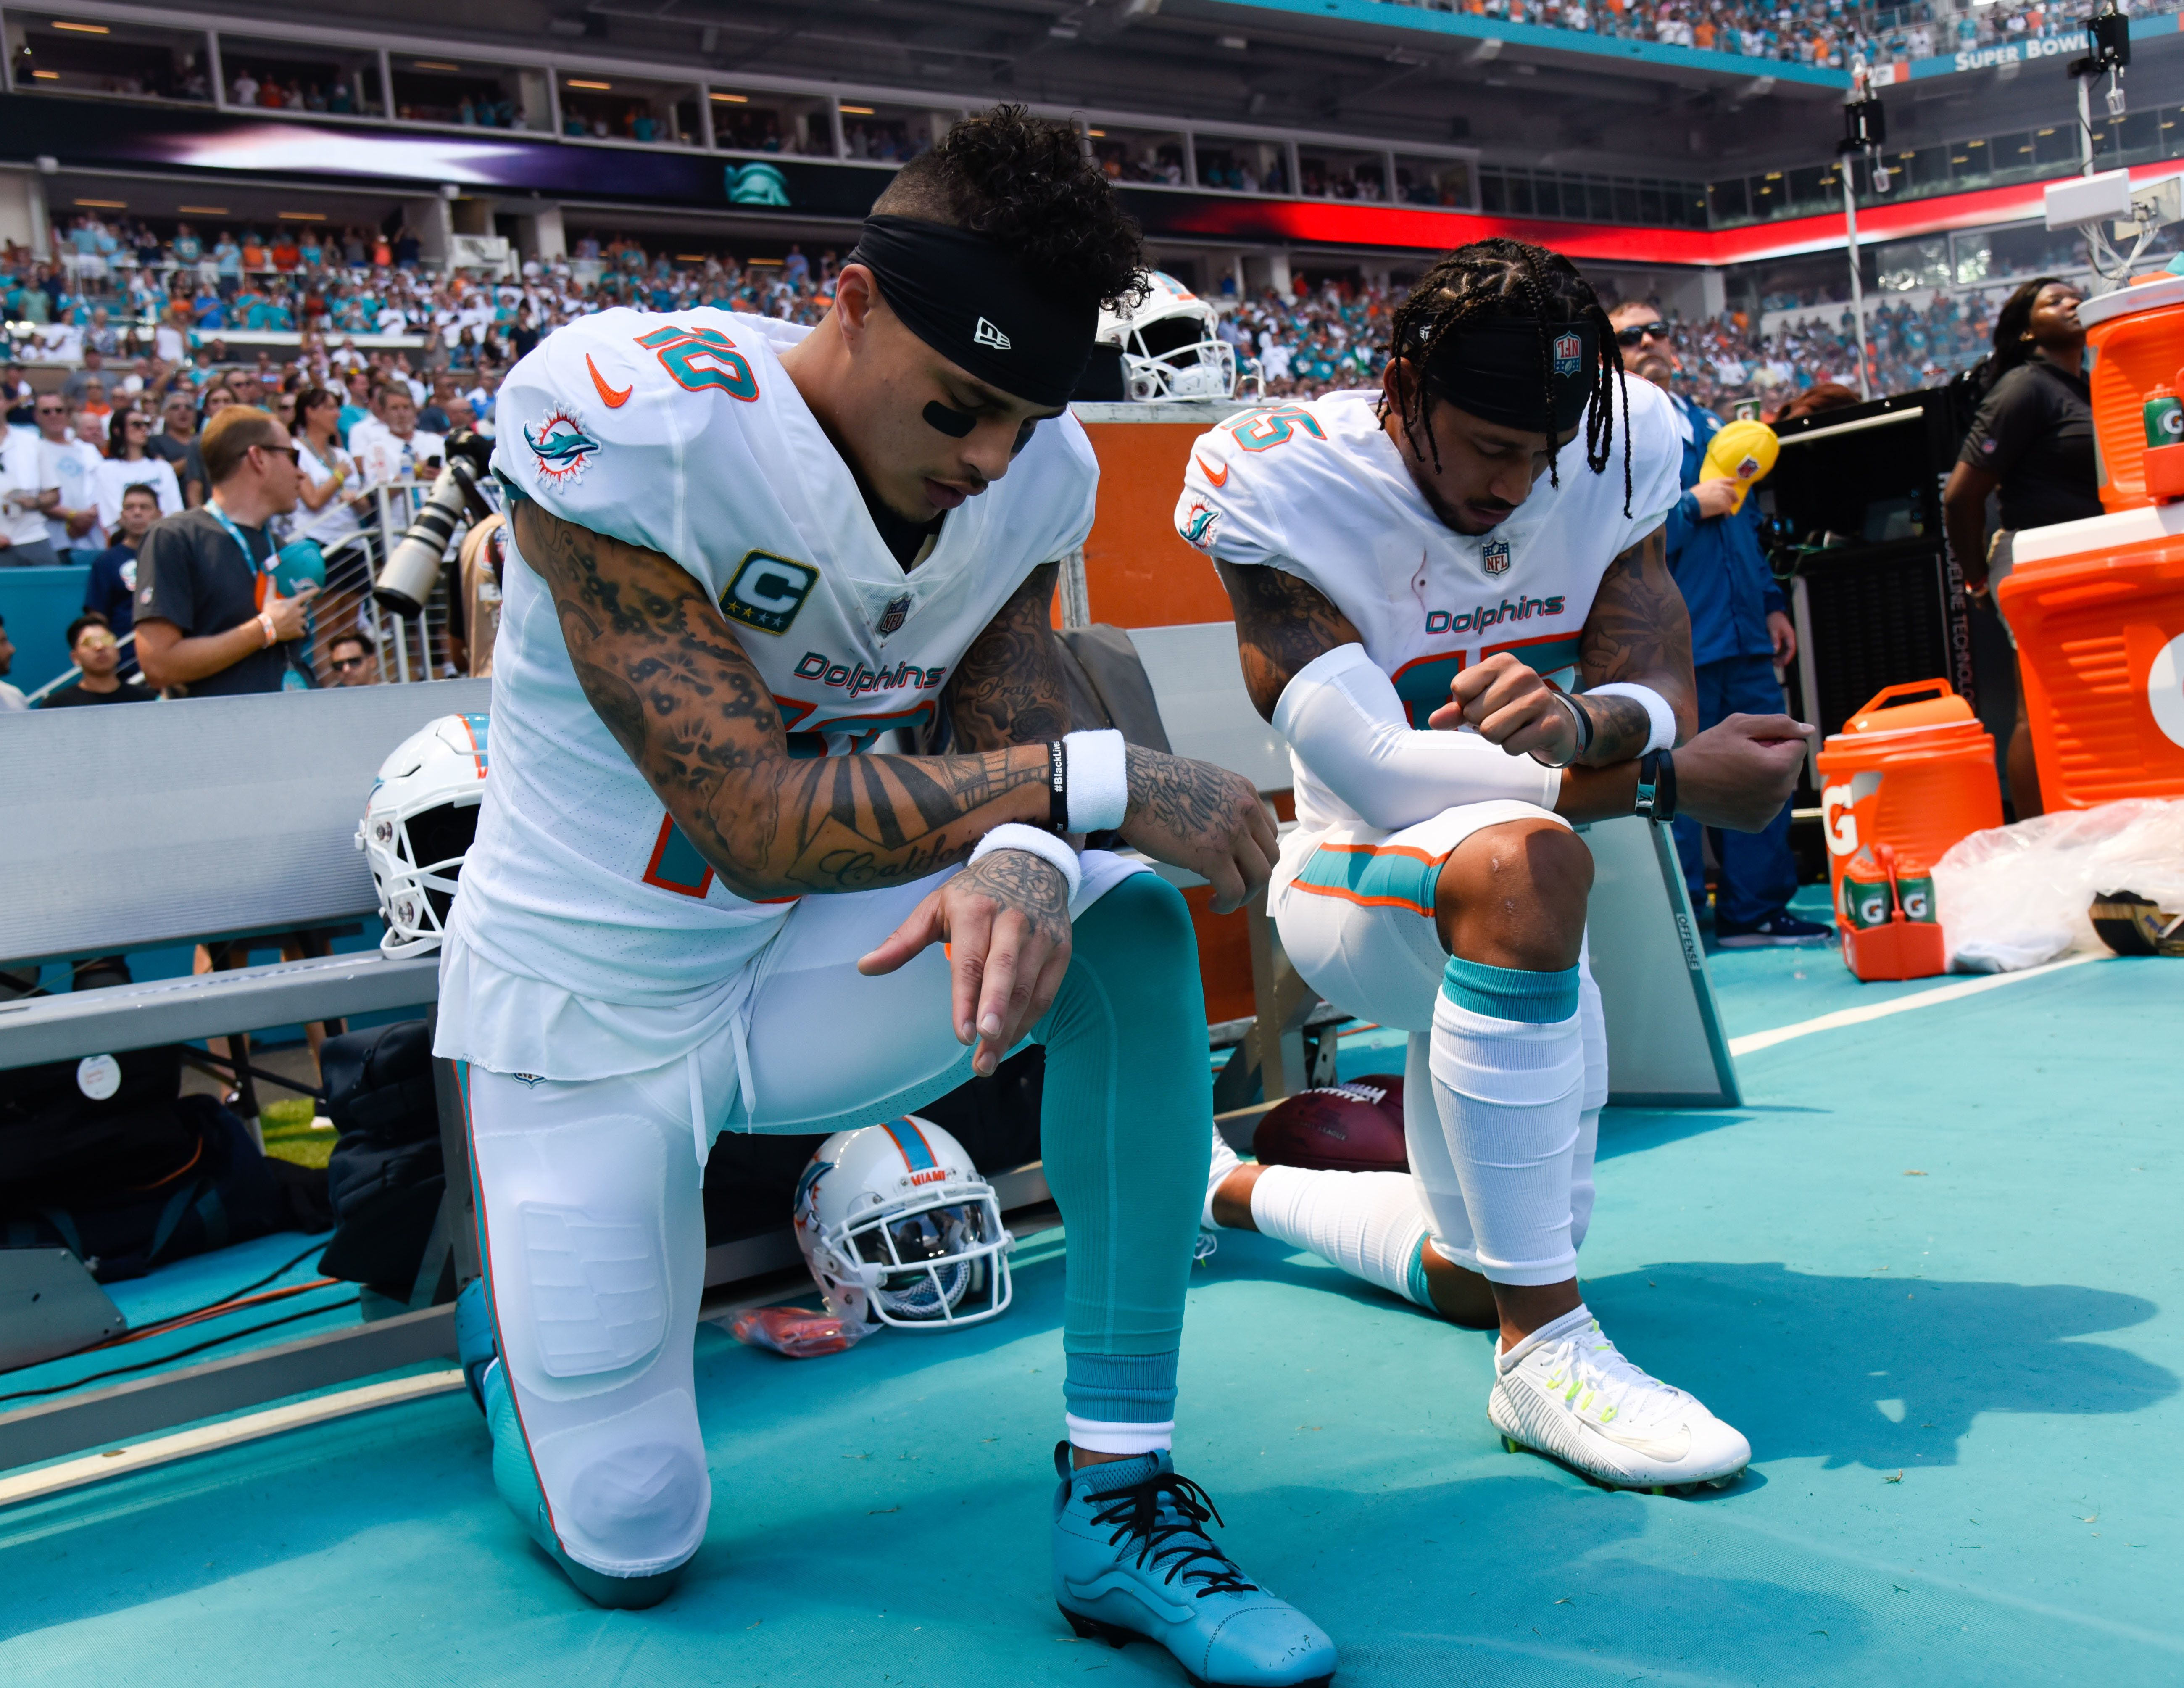 NFL이 개막했고, '무릎꿇기' 시위도 다시